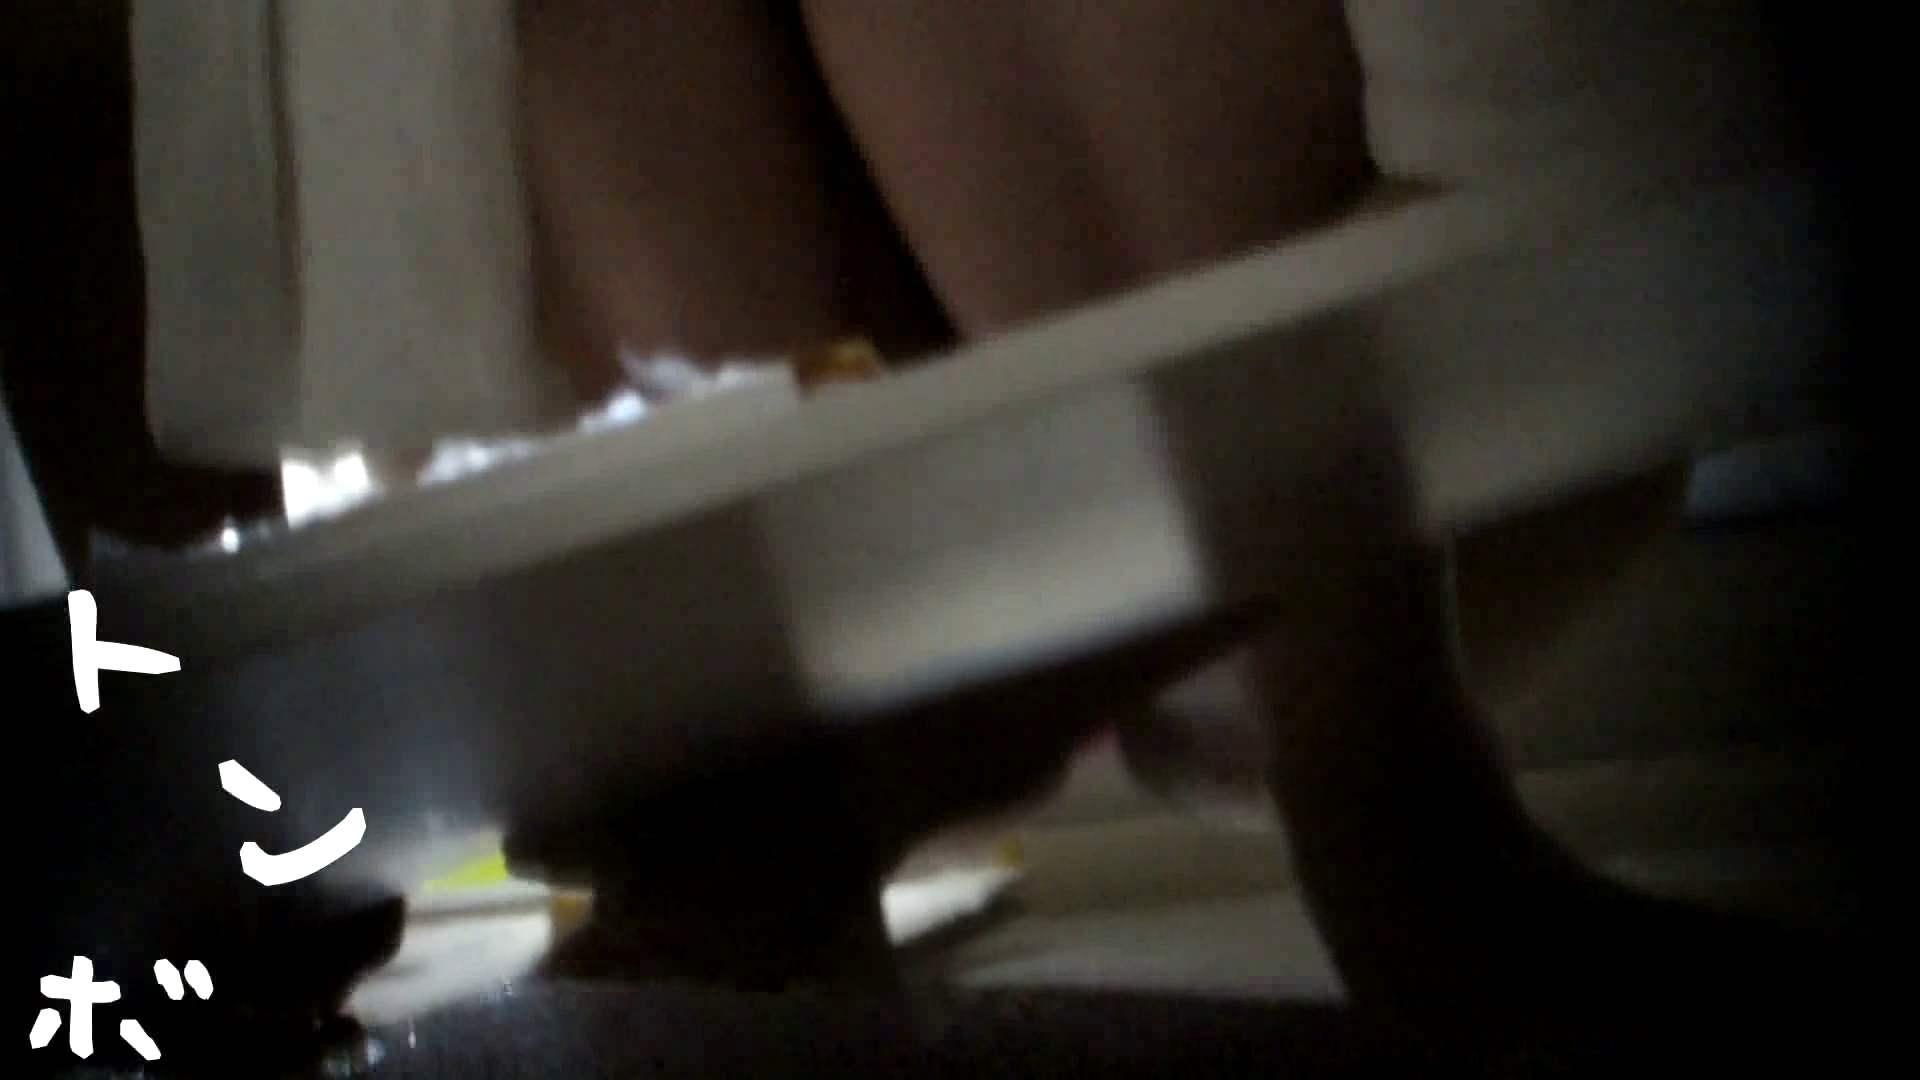 リアル盗撮 清楚なお女市さんのマル秘私生活① 高画質 おまんこ動画流出 71PIX 68